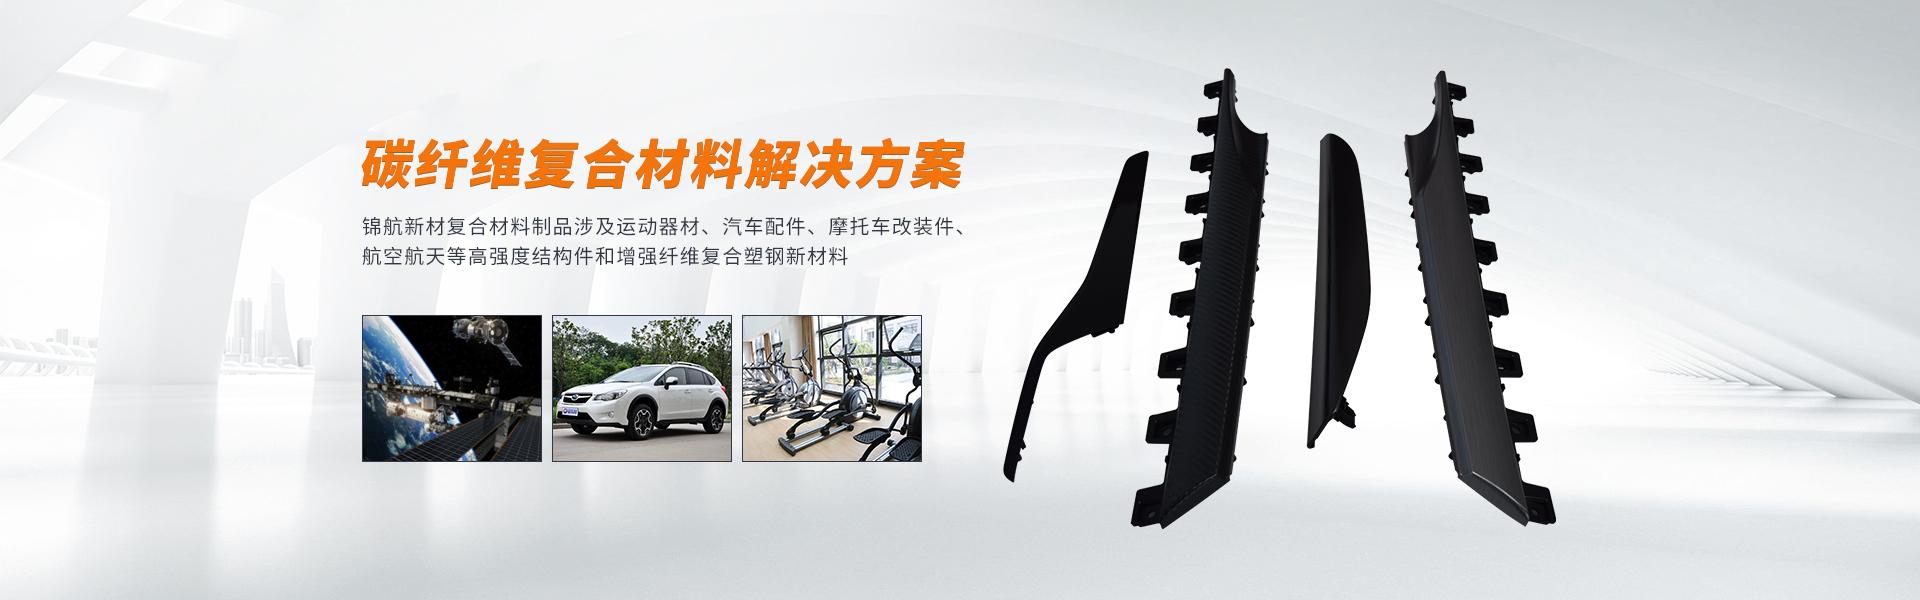 碳纤维汽车配件厂家